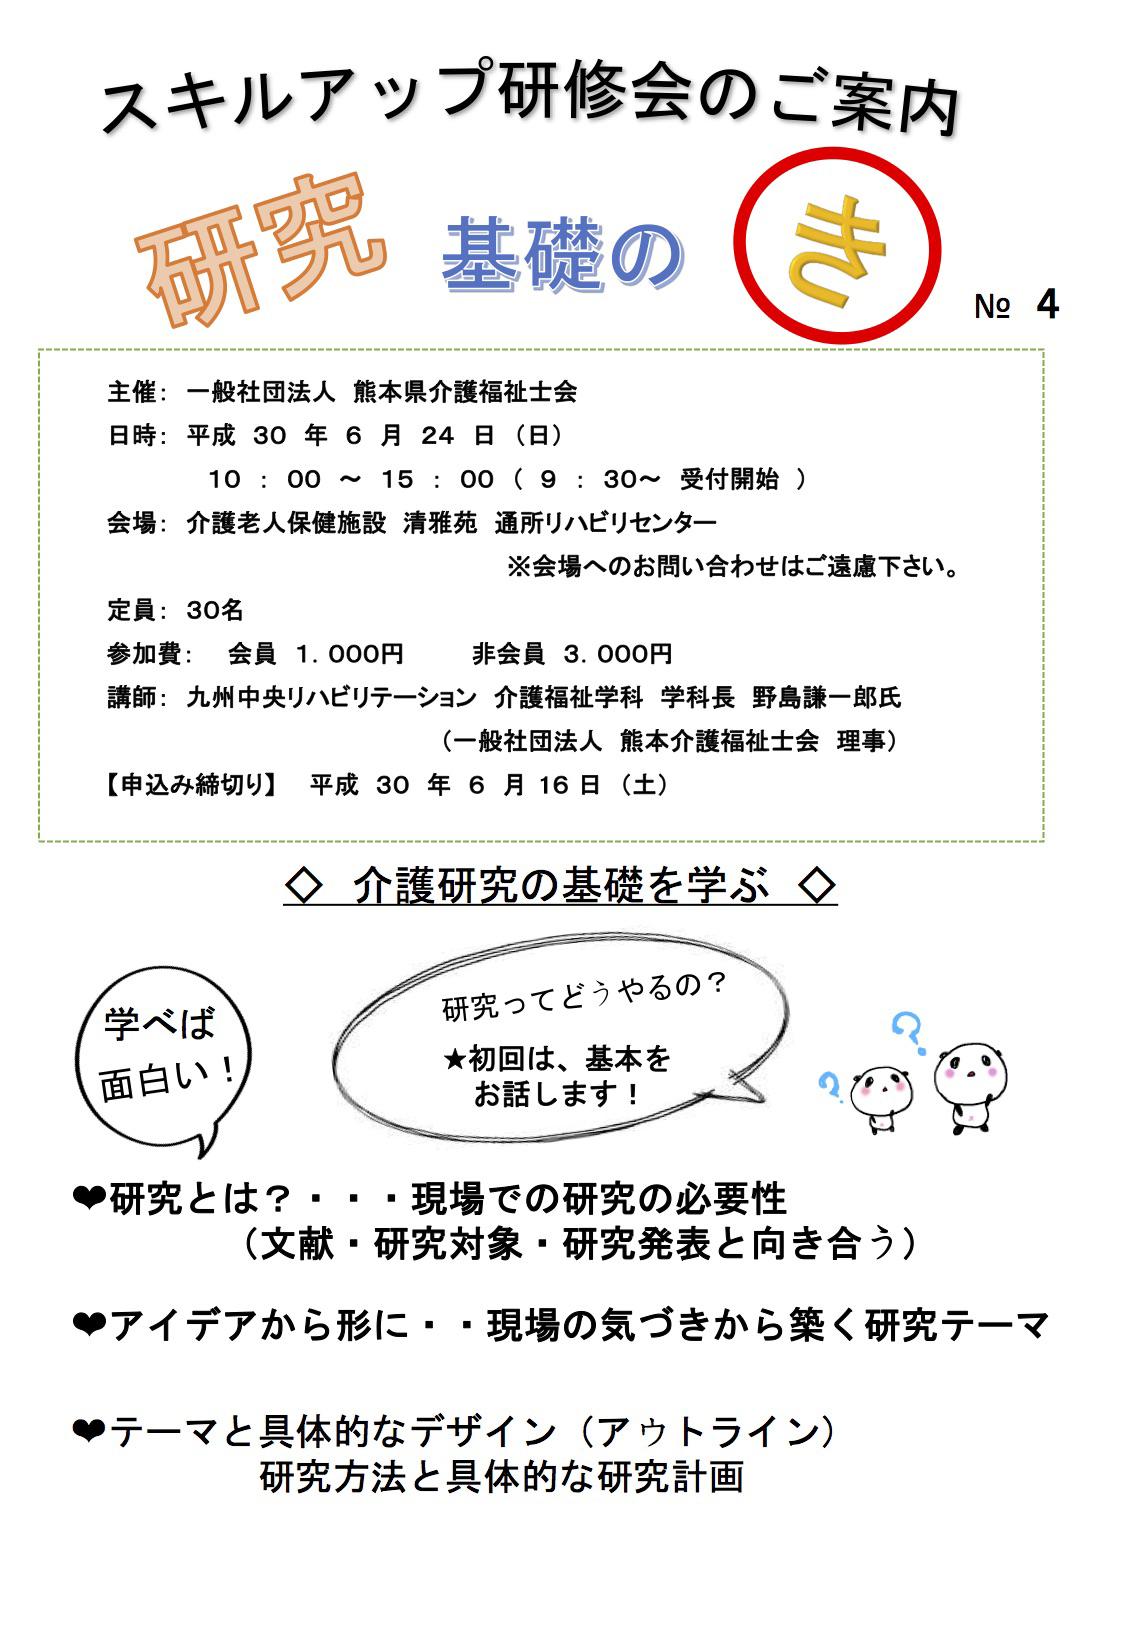 スキルアップ研修会のご案内 〜研究基礎の「き」〜